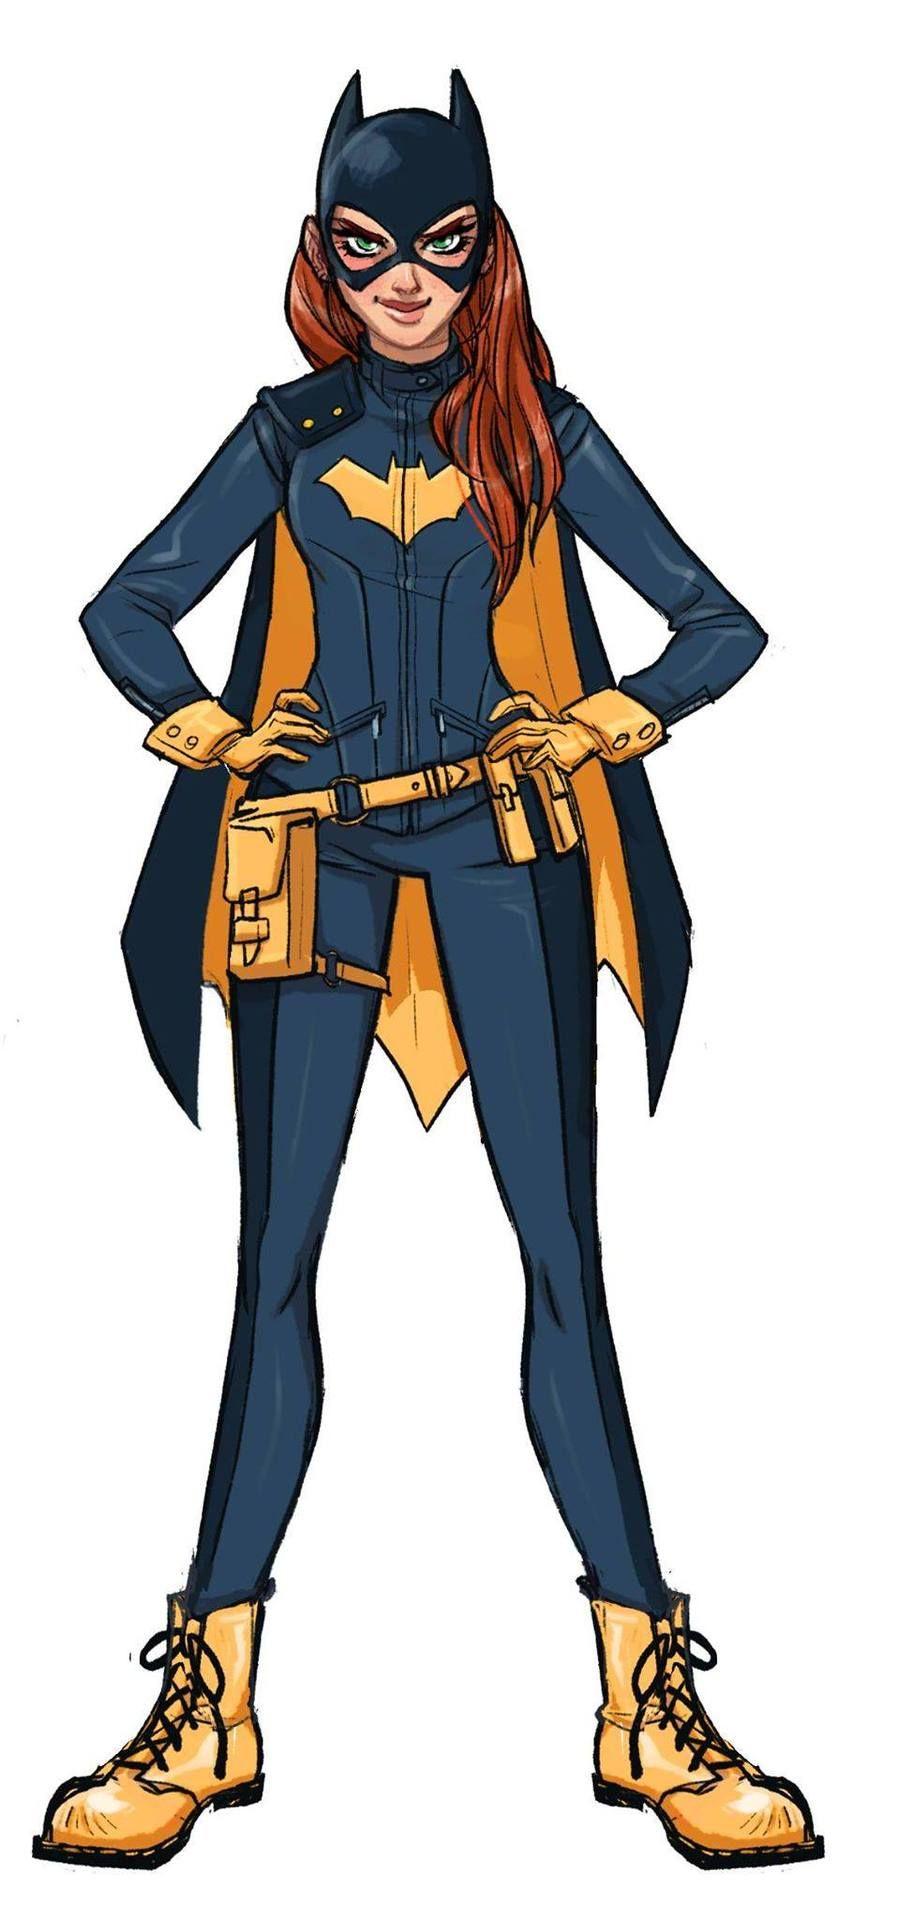 Batgirl by Babs Tarr *. Batgirl Halloween CostumeBatgirl ...  sc 1 st  Pinterest & Batgirl by Babs Tarr * | Batman | Pinterest | Batgirl Comic and Batman